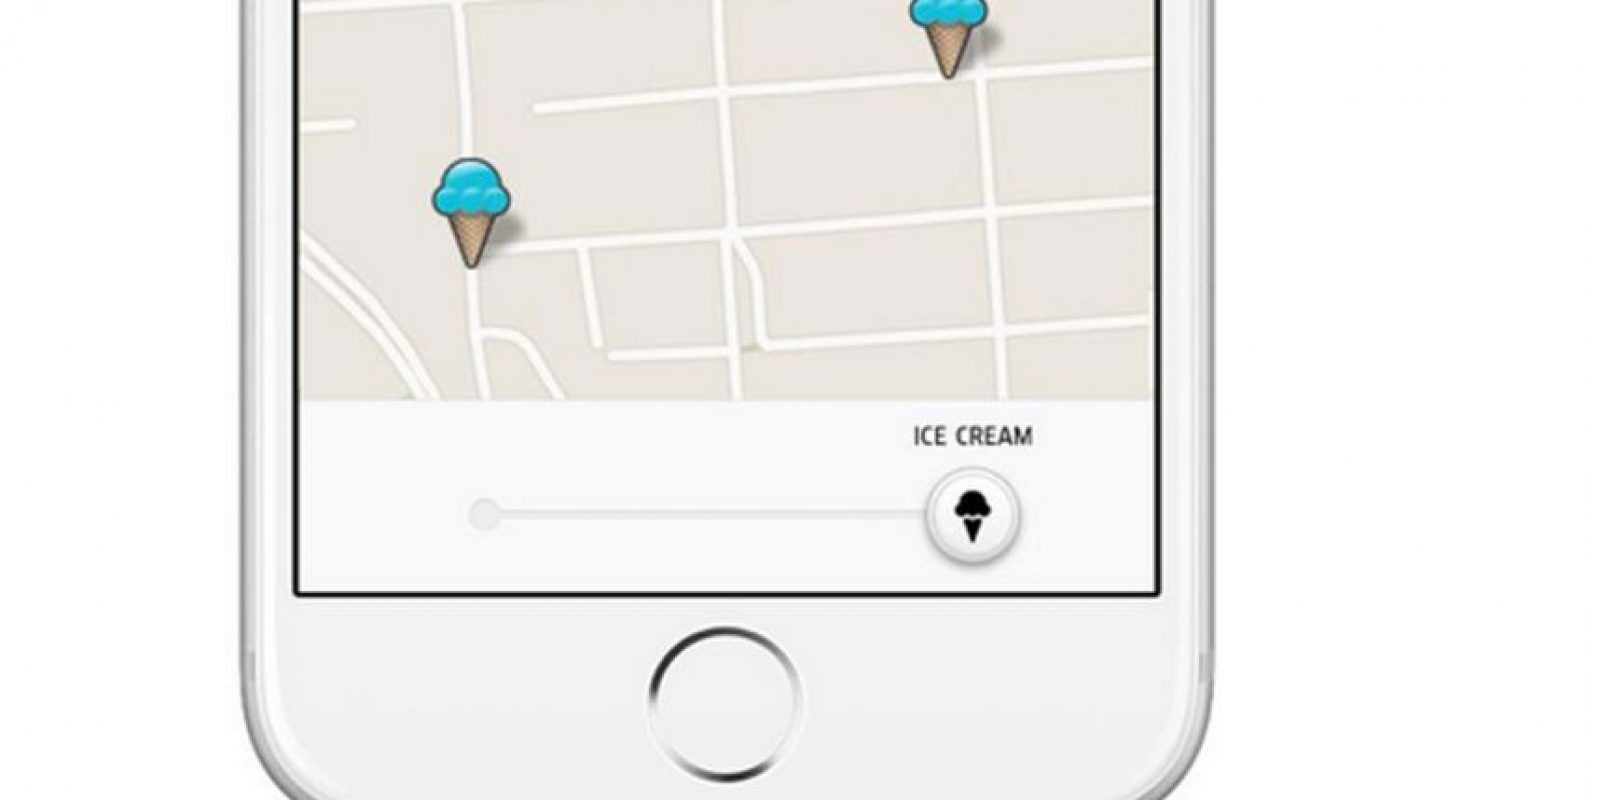 Así es como pueden ordenar un helado con esta aplicación de taxis Foto:Uber